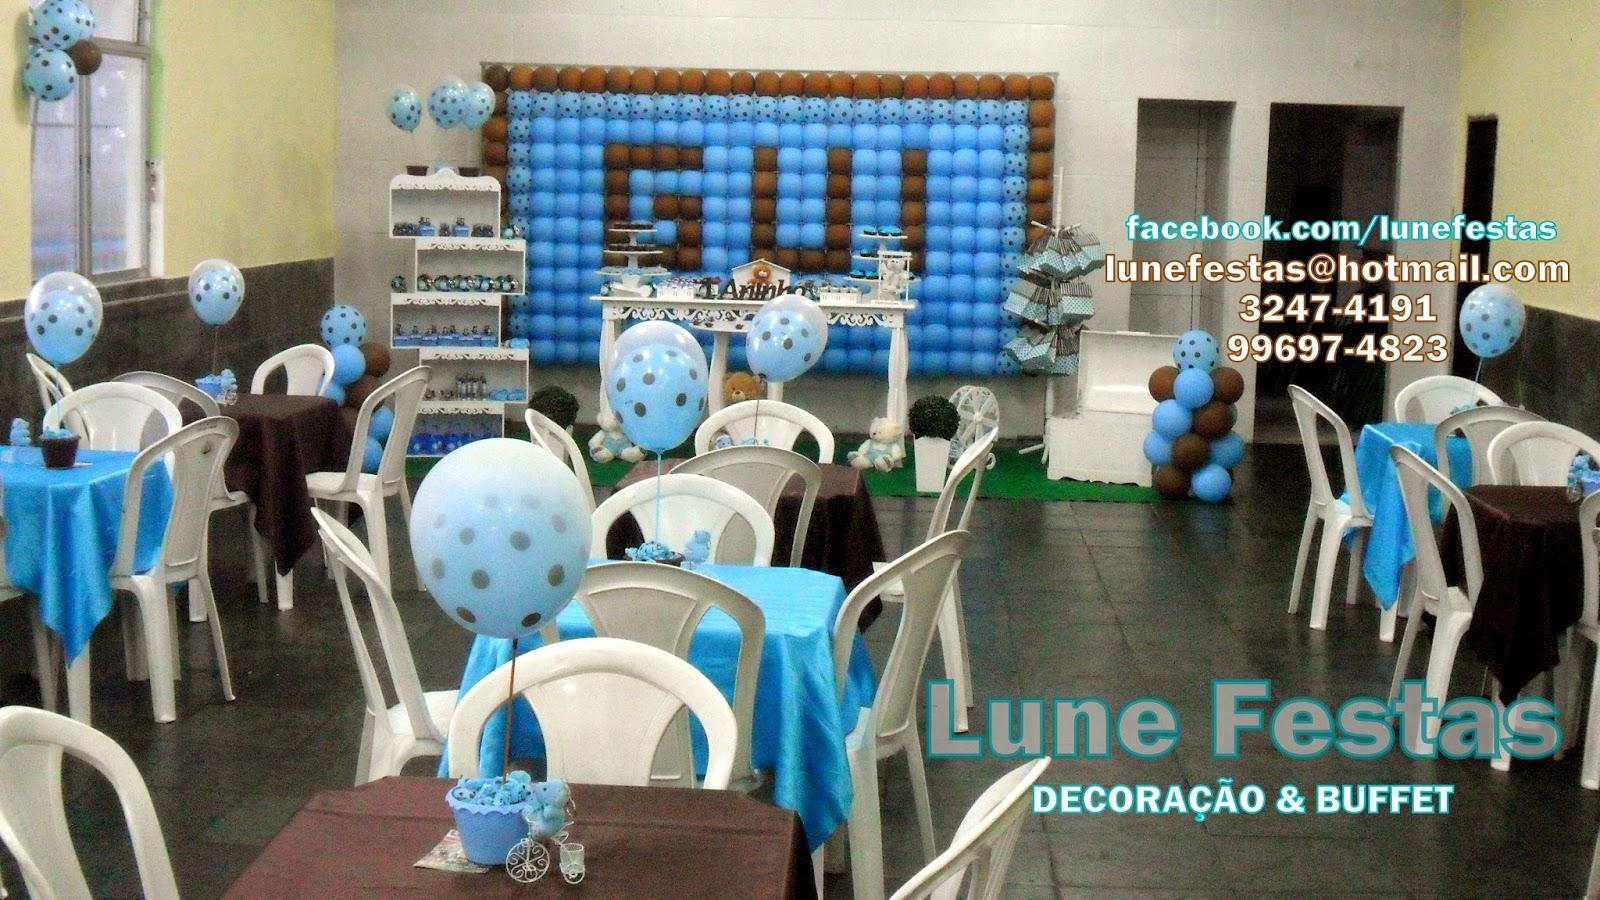 Lune Festas São Gonçalo RJ: Setembro 2014 #2970A2 1600x900